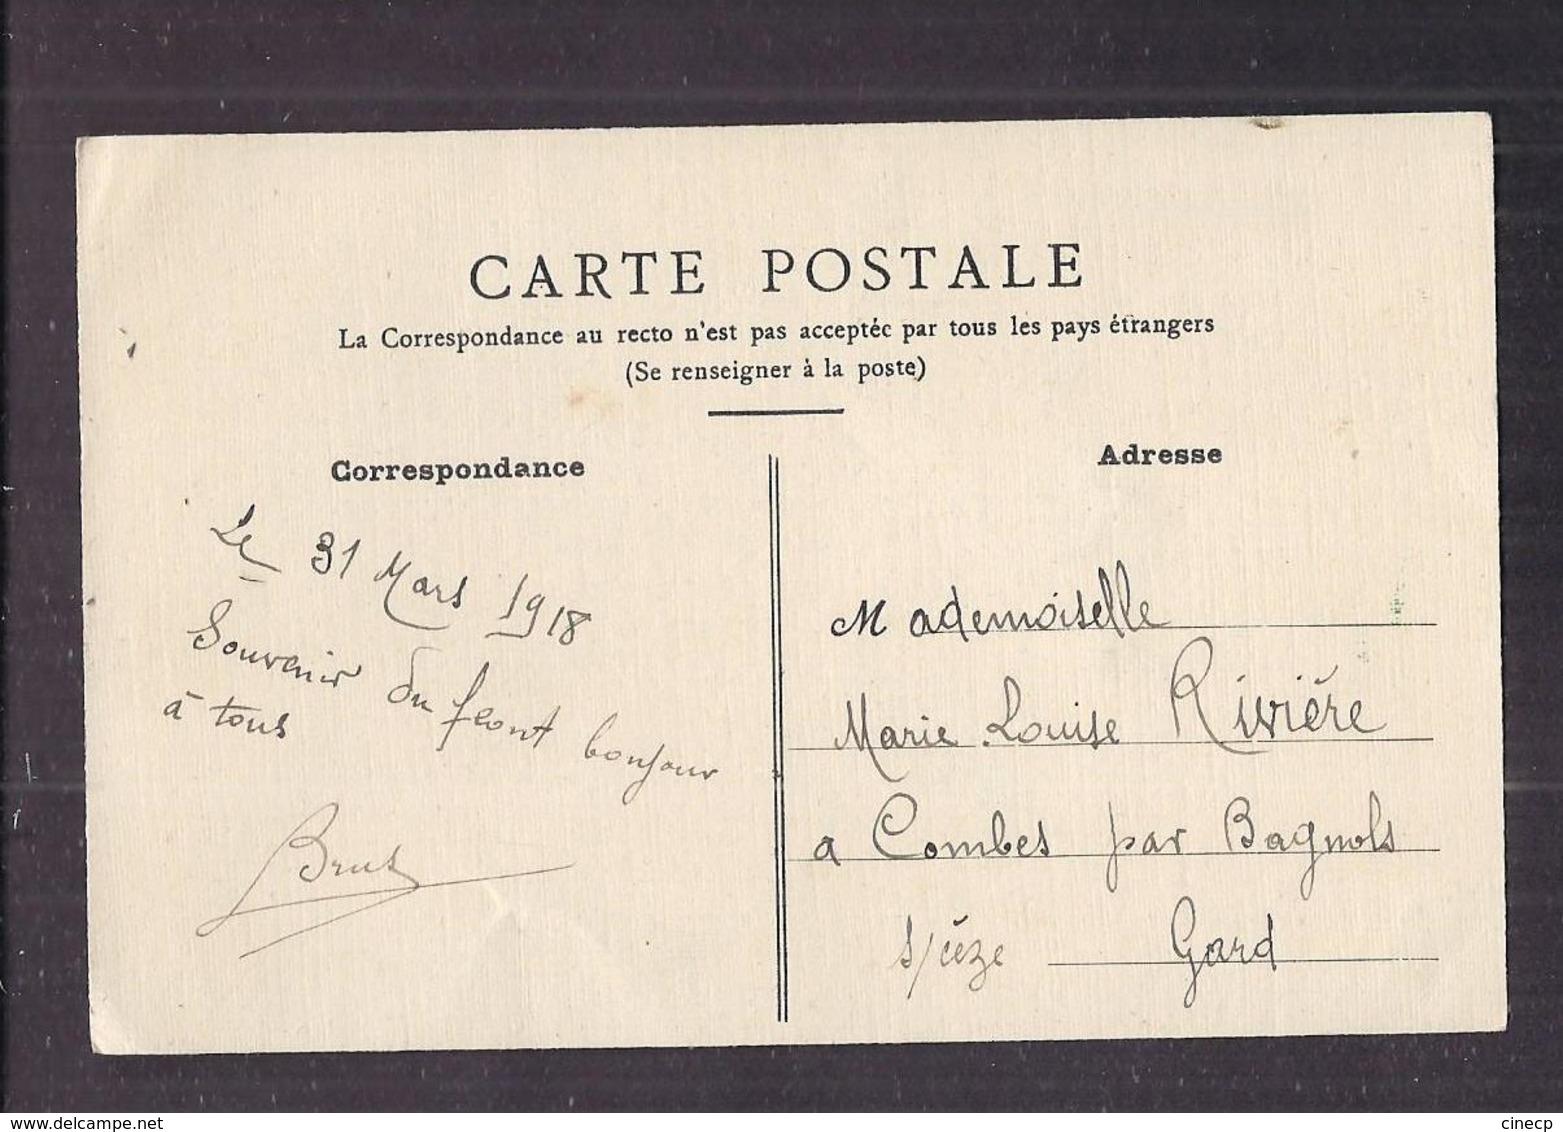 CPA CARTE MILITAIRE Souvenir Du Front Du 83 ème Régiment D' Infanterie 31 Mars 1918 Correspondance Soldat Poilu - Regiments